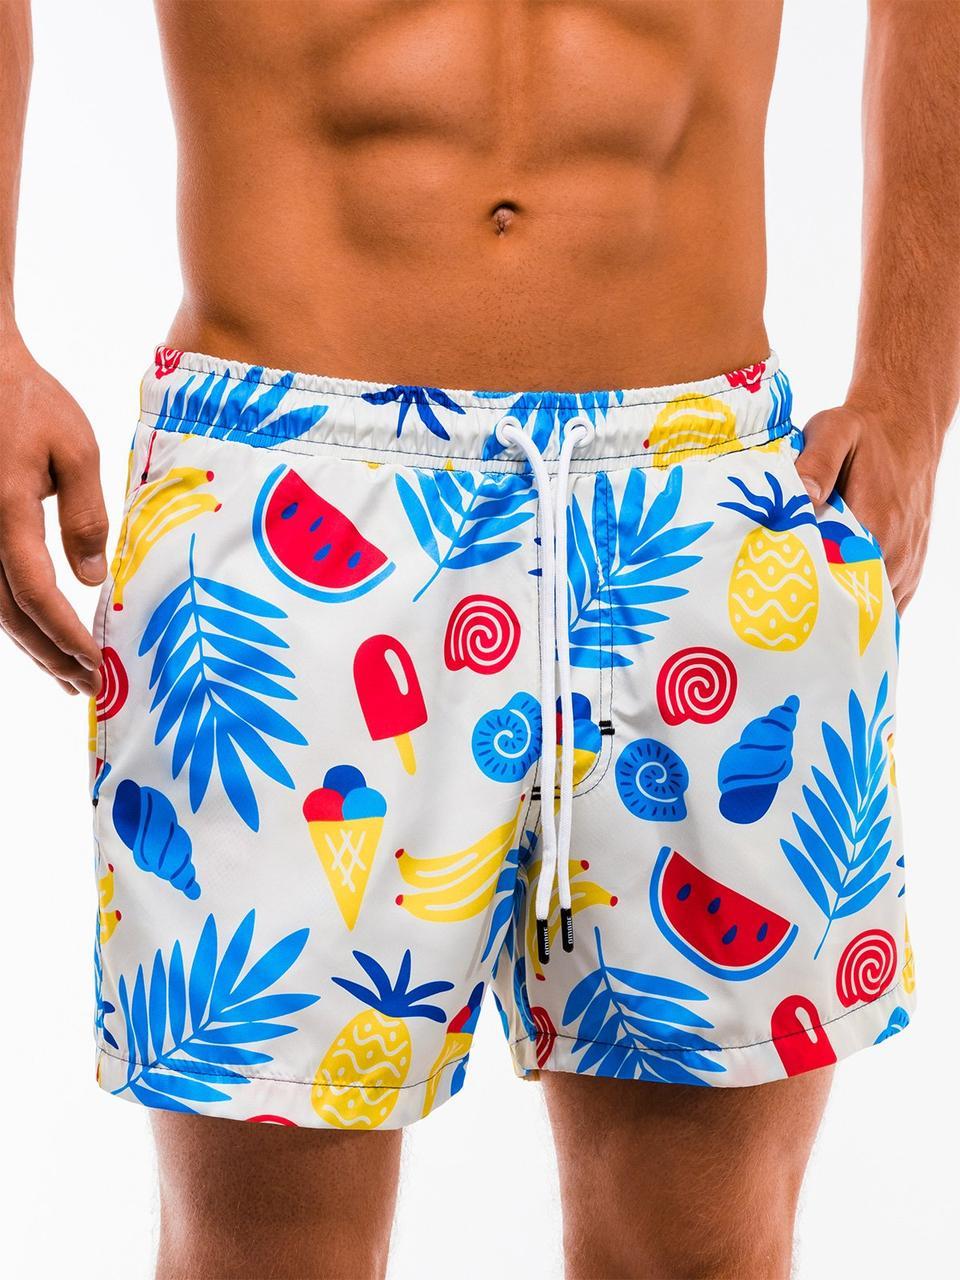 Мужские яркие короткие плавательные шорты Ombre  оригинал